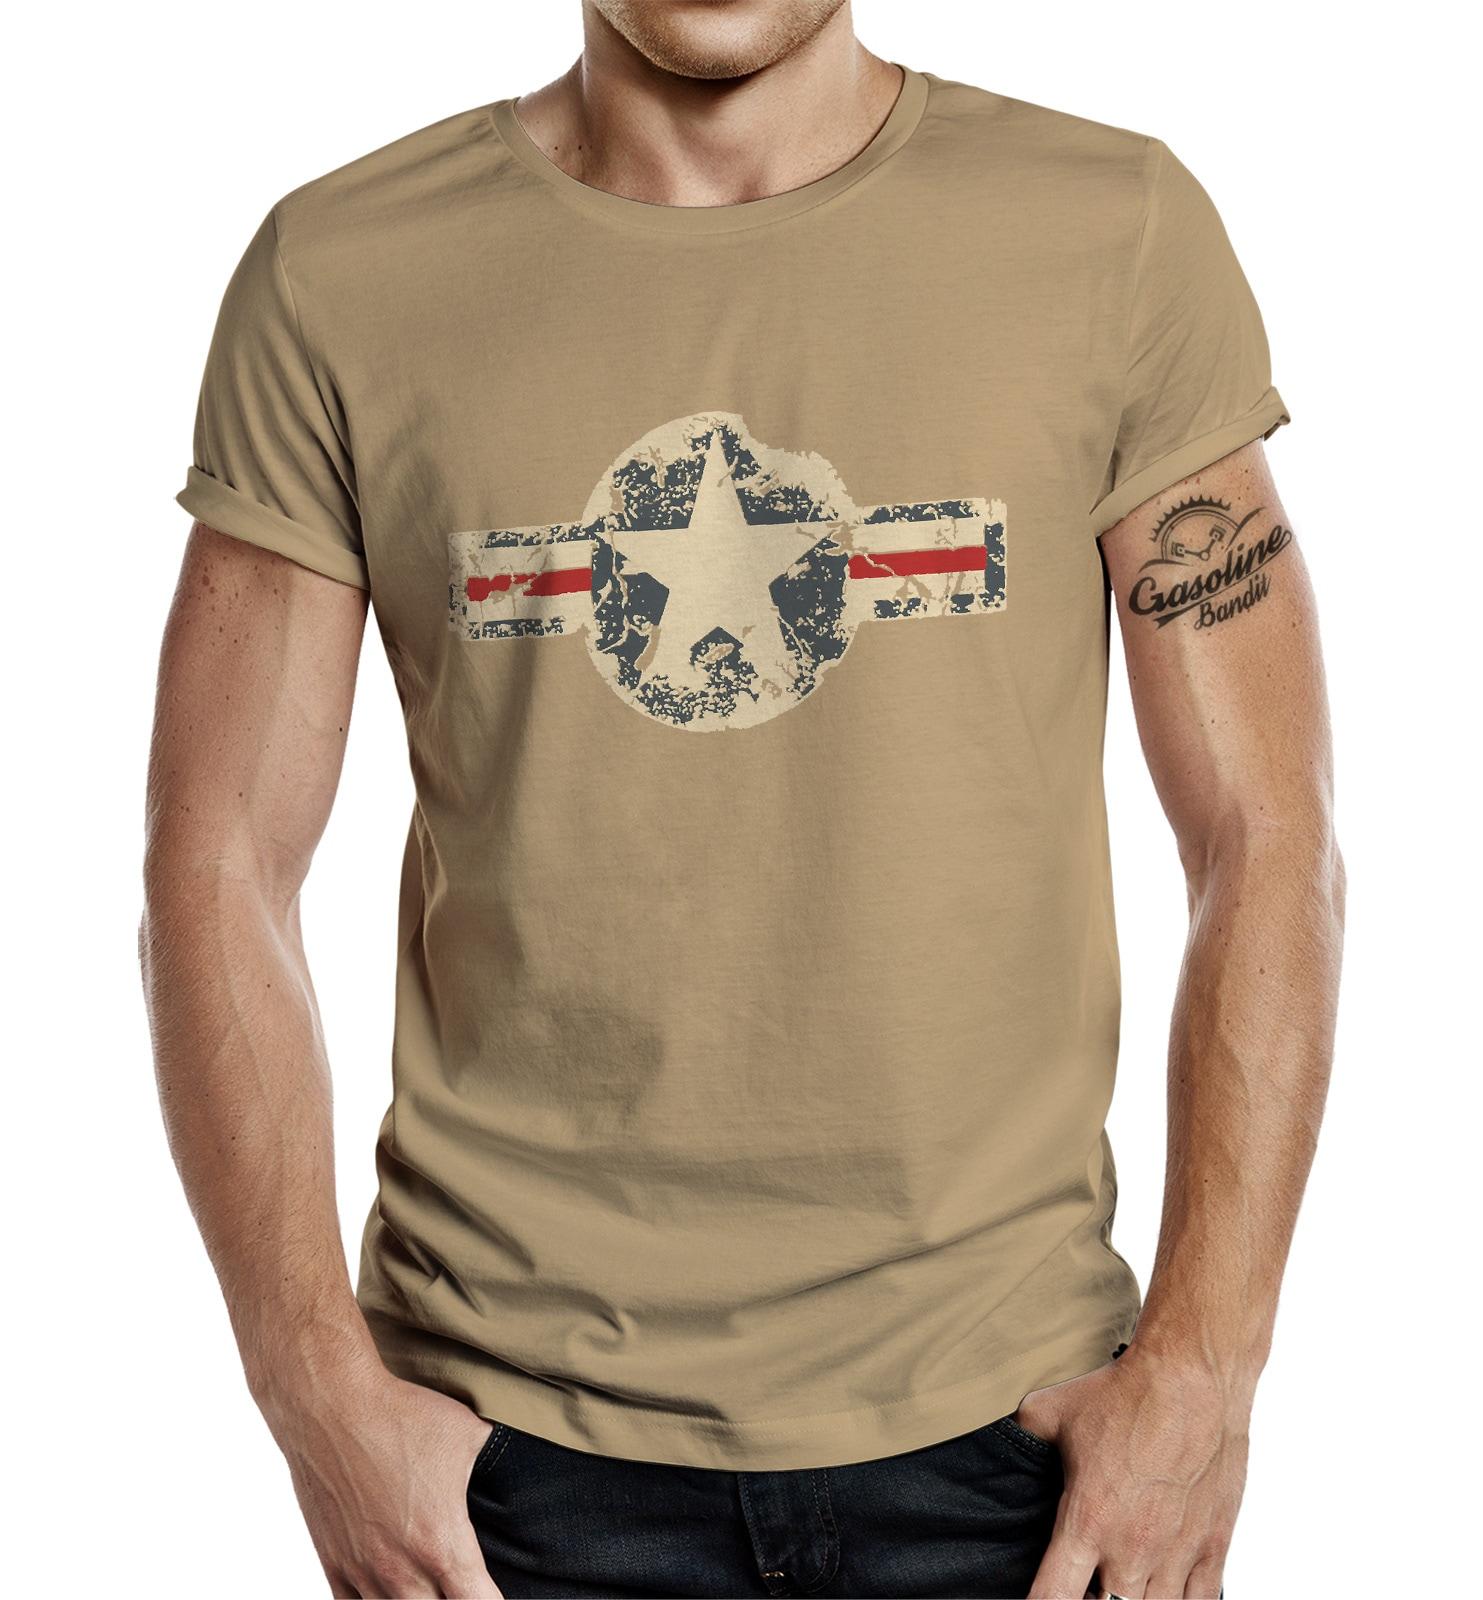 GASOLINE BANDIT T-Shirt im angesagten Army-Look | Bekleidung > Shirts > T-Shirts | Beige | Gasoline Bandit